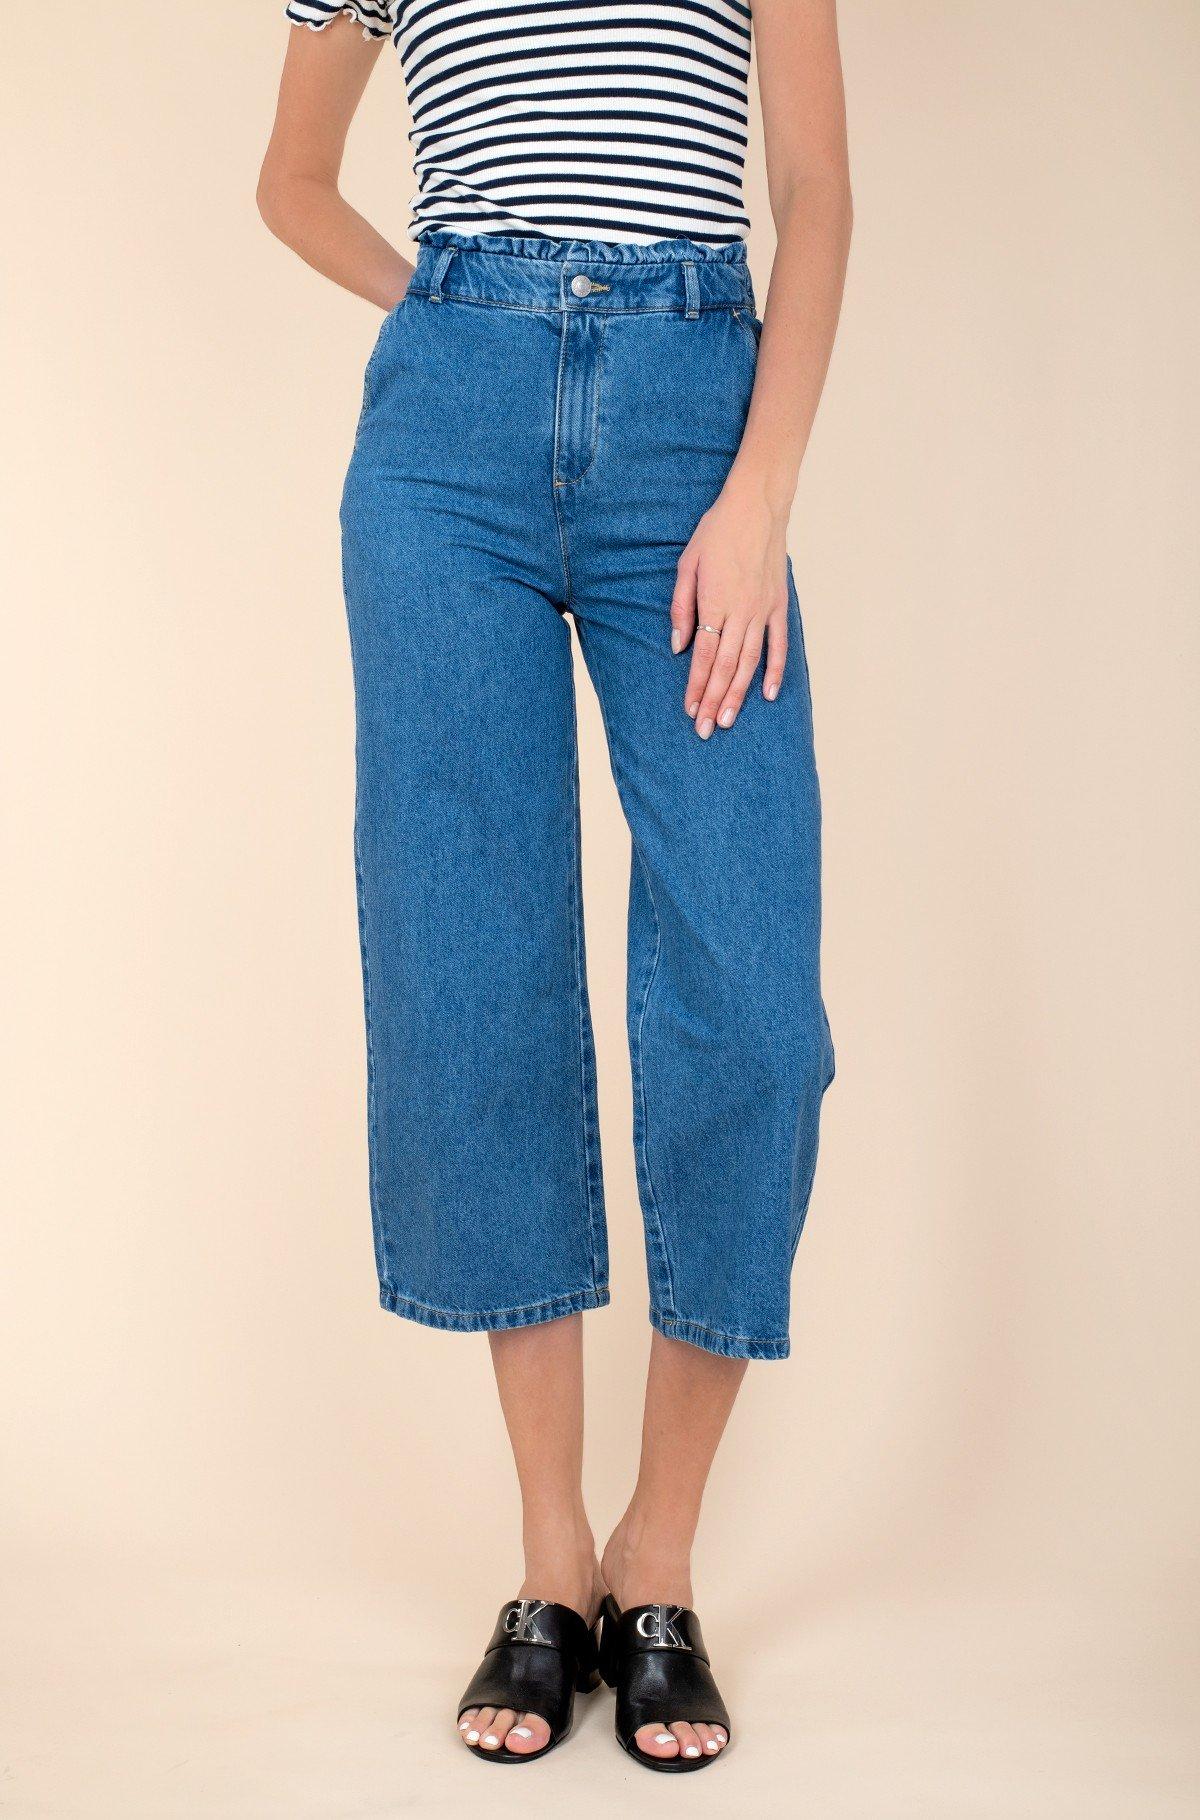 Jeans 1025233-full-1